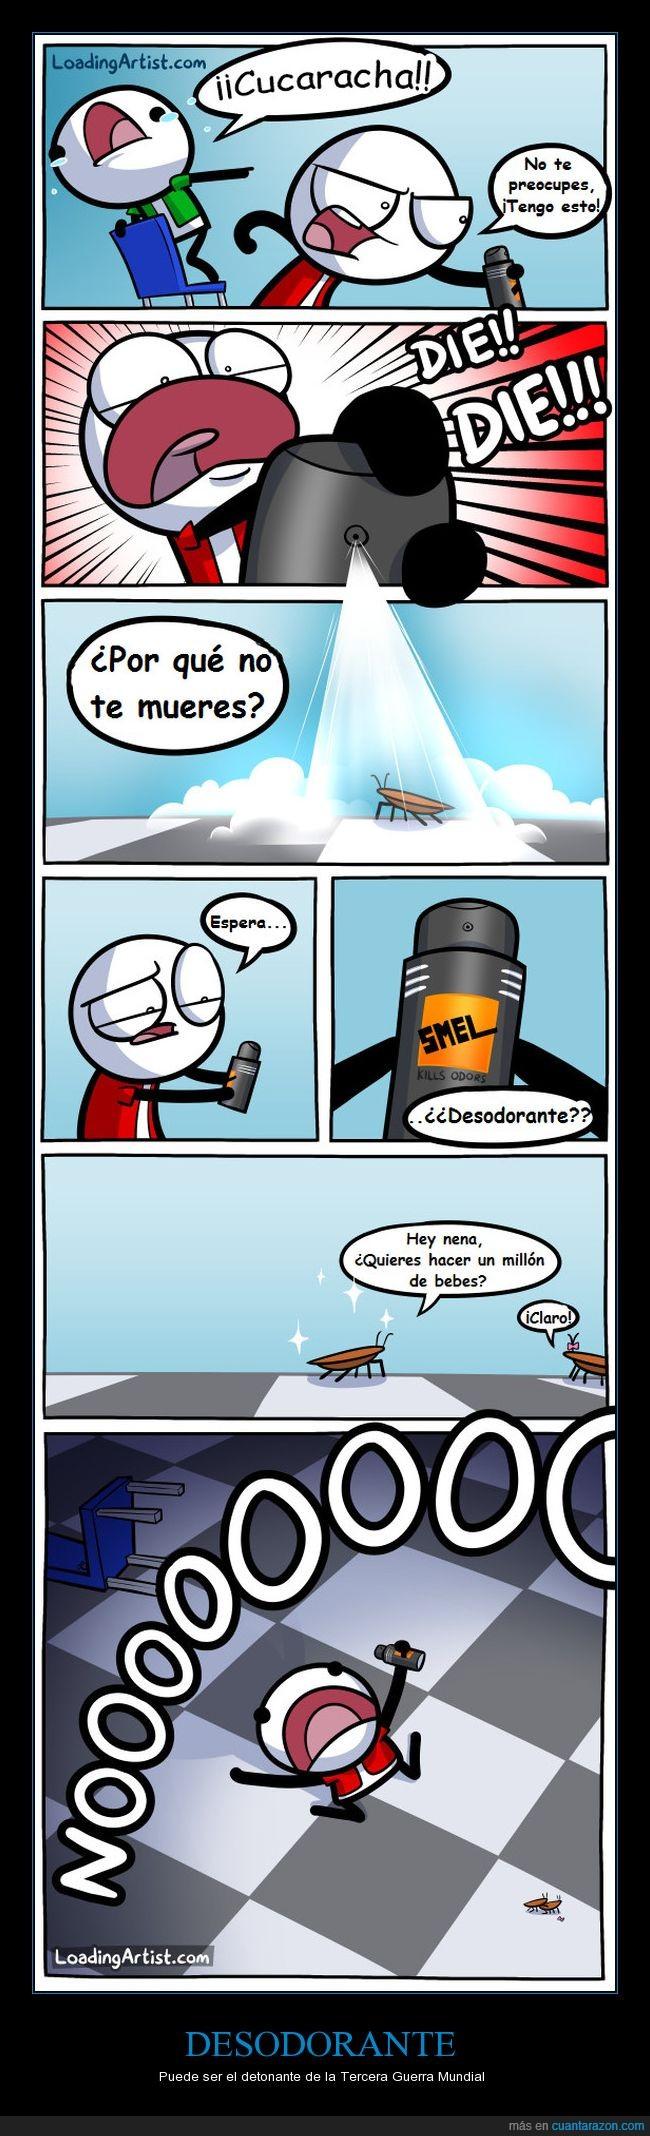 Cucaracha,Desodorante